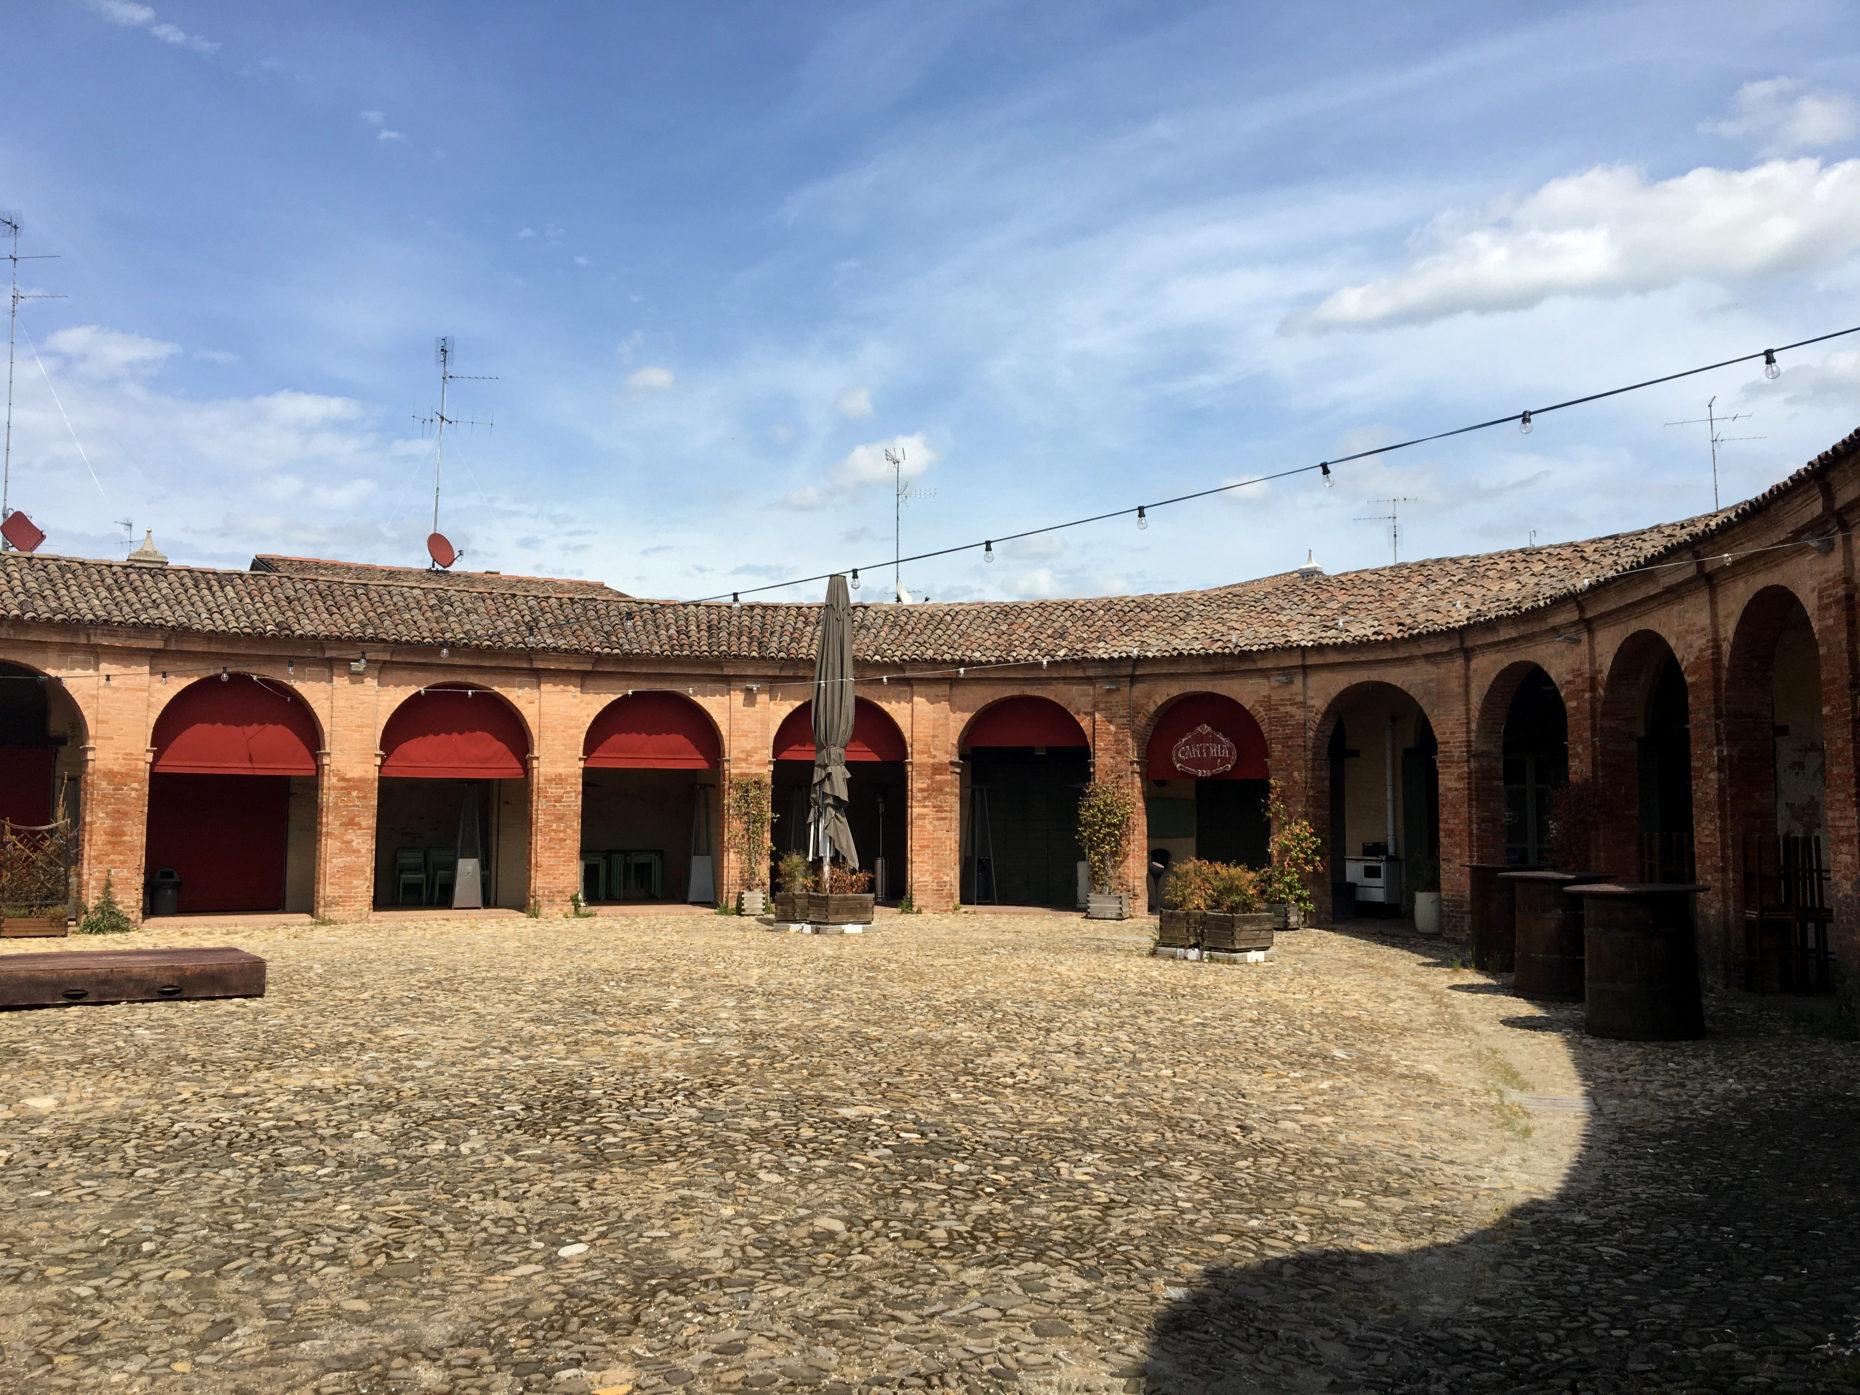 Piazza Nuova Bagnacavallo